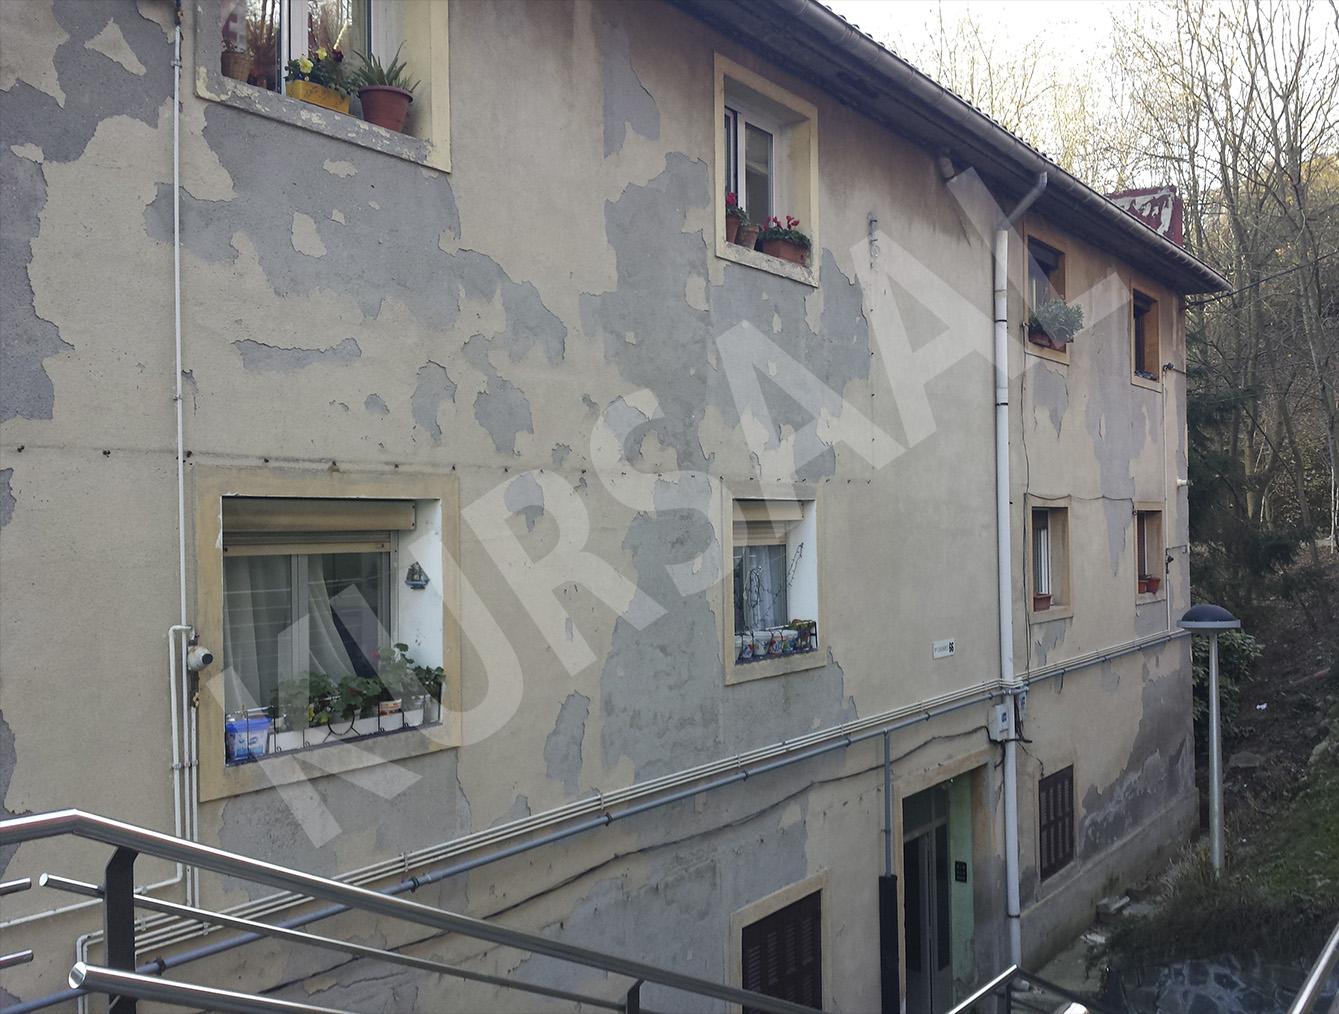 foto 5 - Aislamientos Térmicos y Eficiencia Energética-Casares 66-PASAIA, GIPUZKOA